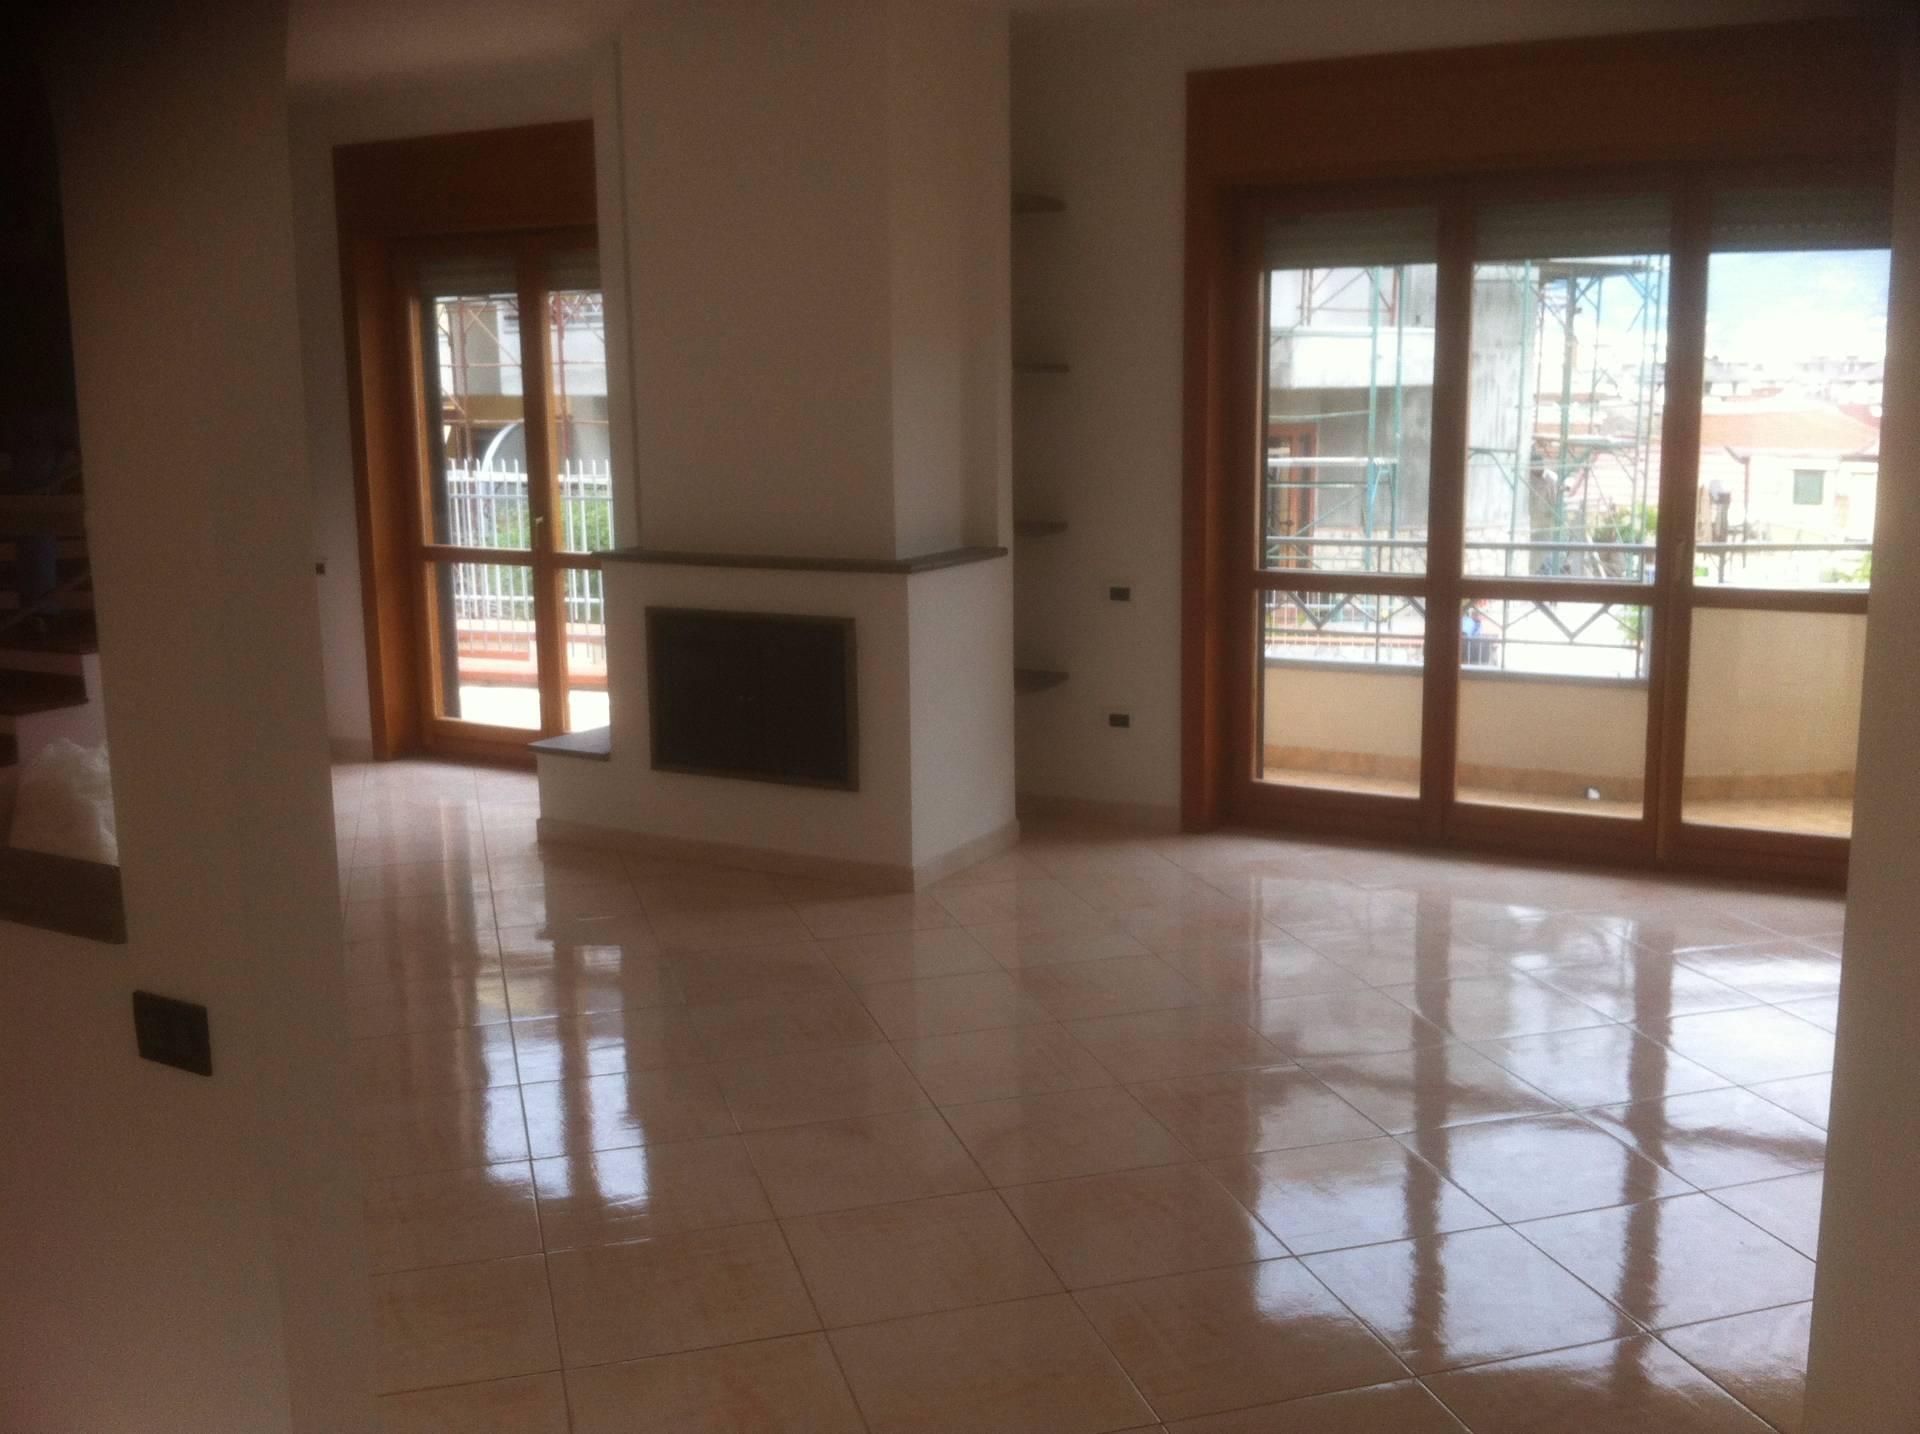 Villa in vendita a Baronissi, 5 locali, prezzo € 320.000 | CambioCasa.it